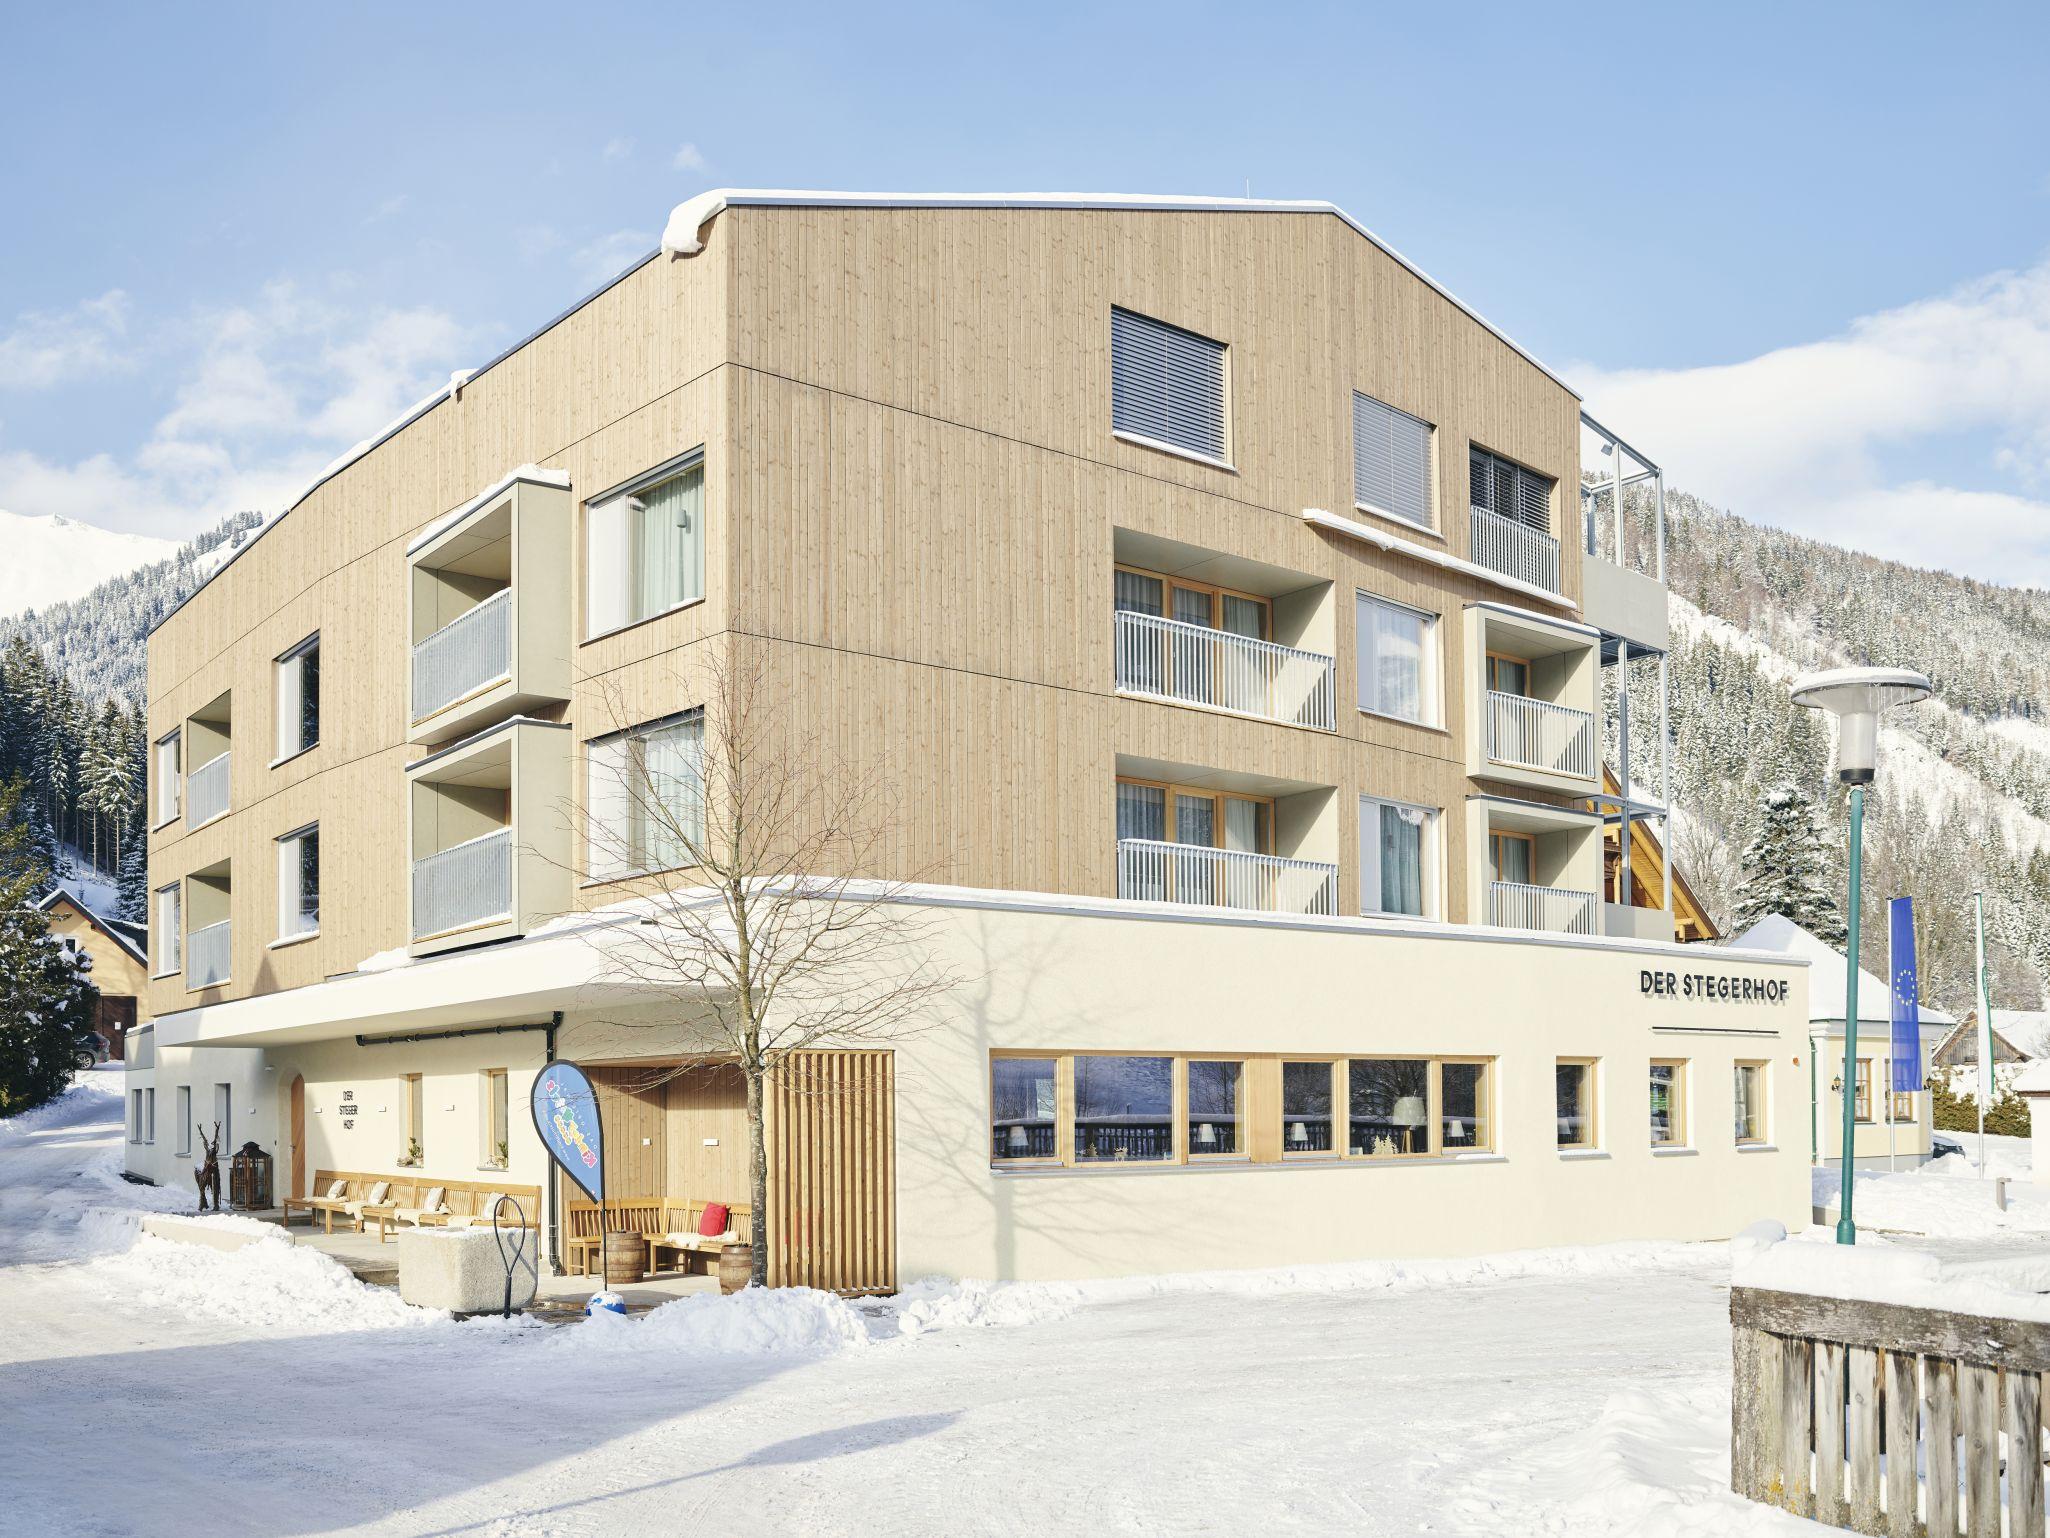 Kinderhotel Stegerhof © Armin Walcher